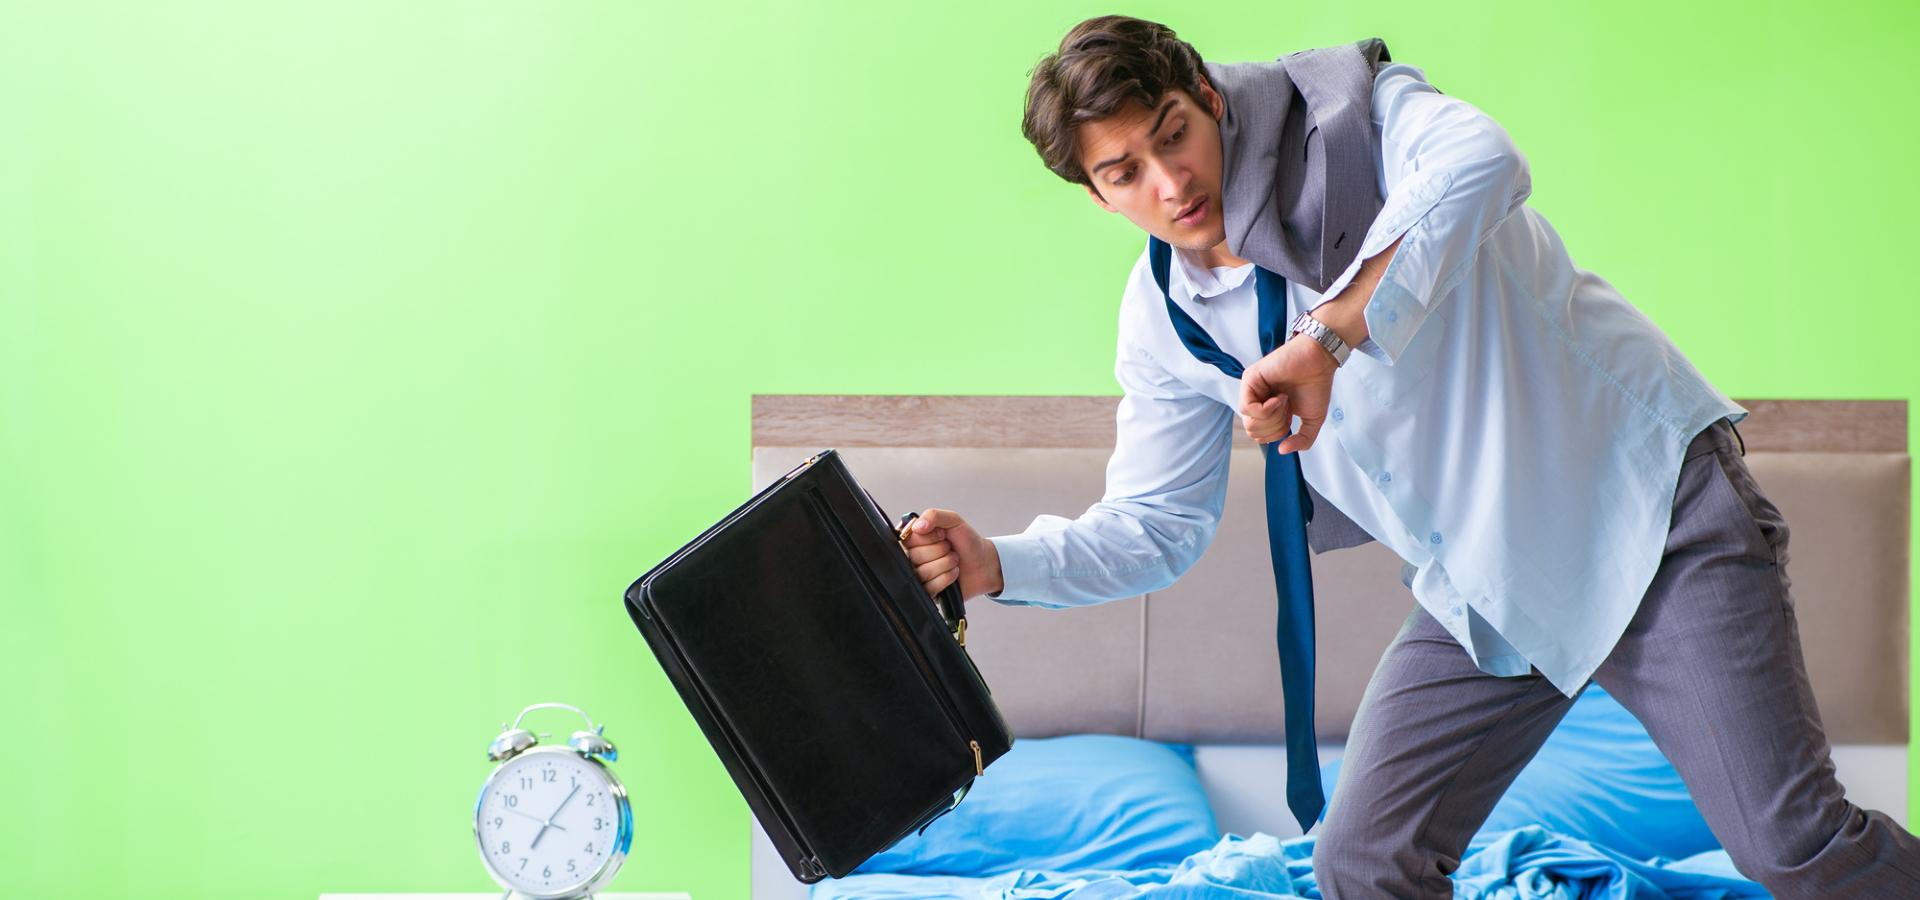 چه ارتباطی میان خوابهای آشفته و رضایت شغلی ما وجود دارد؟